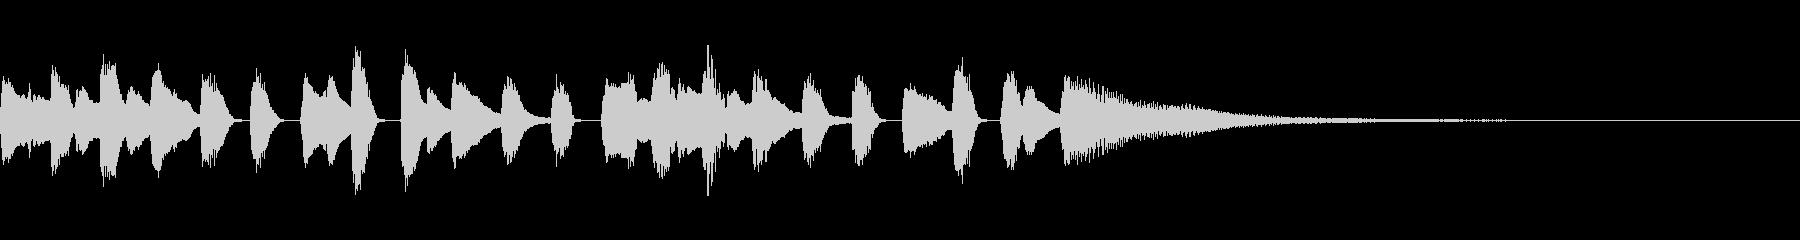 ピアノ・シンプル・ワルツ・回るようなの未再生の波形